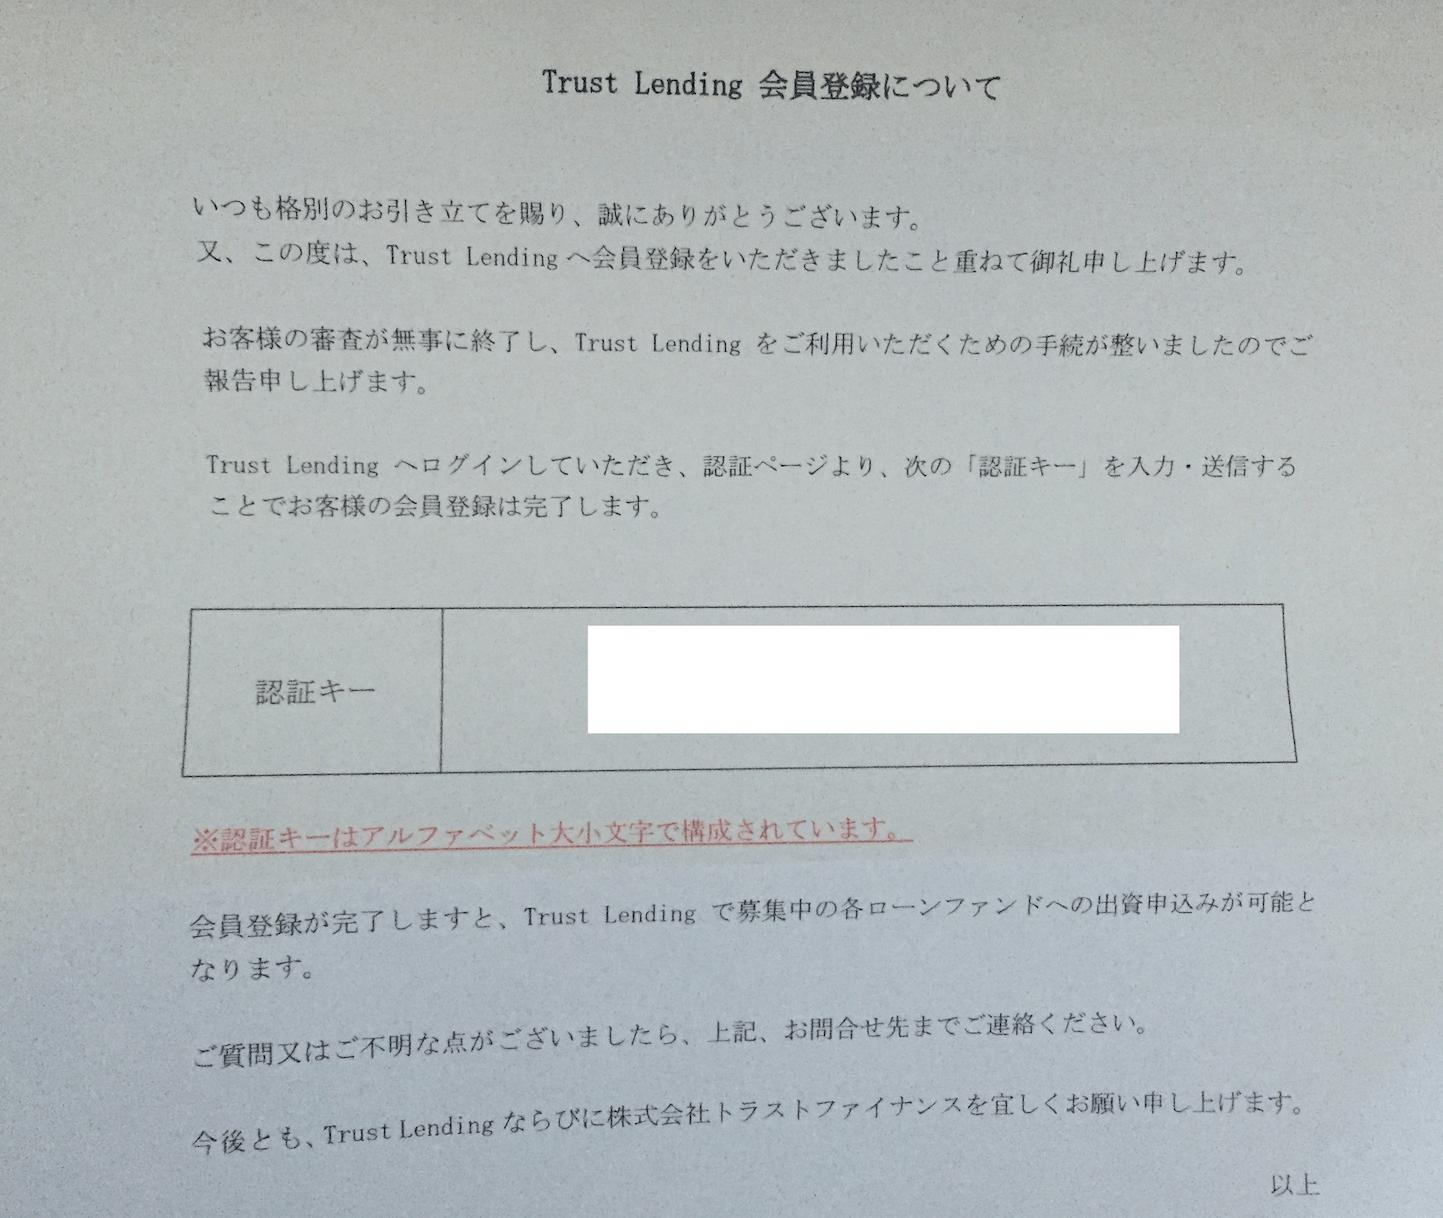 トラストレンディング 認証キー 3